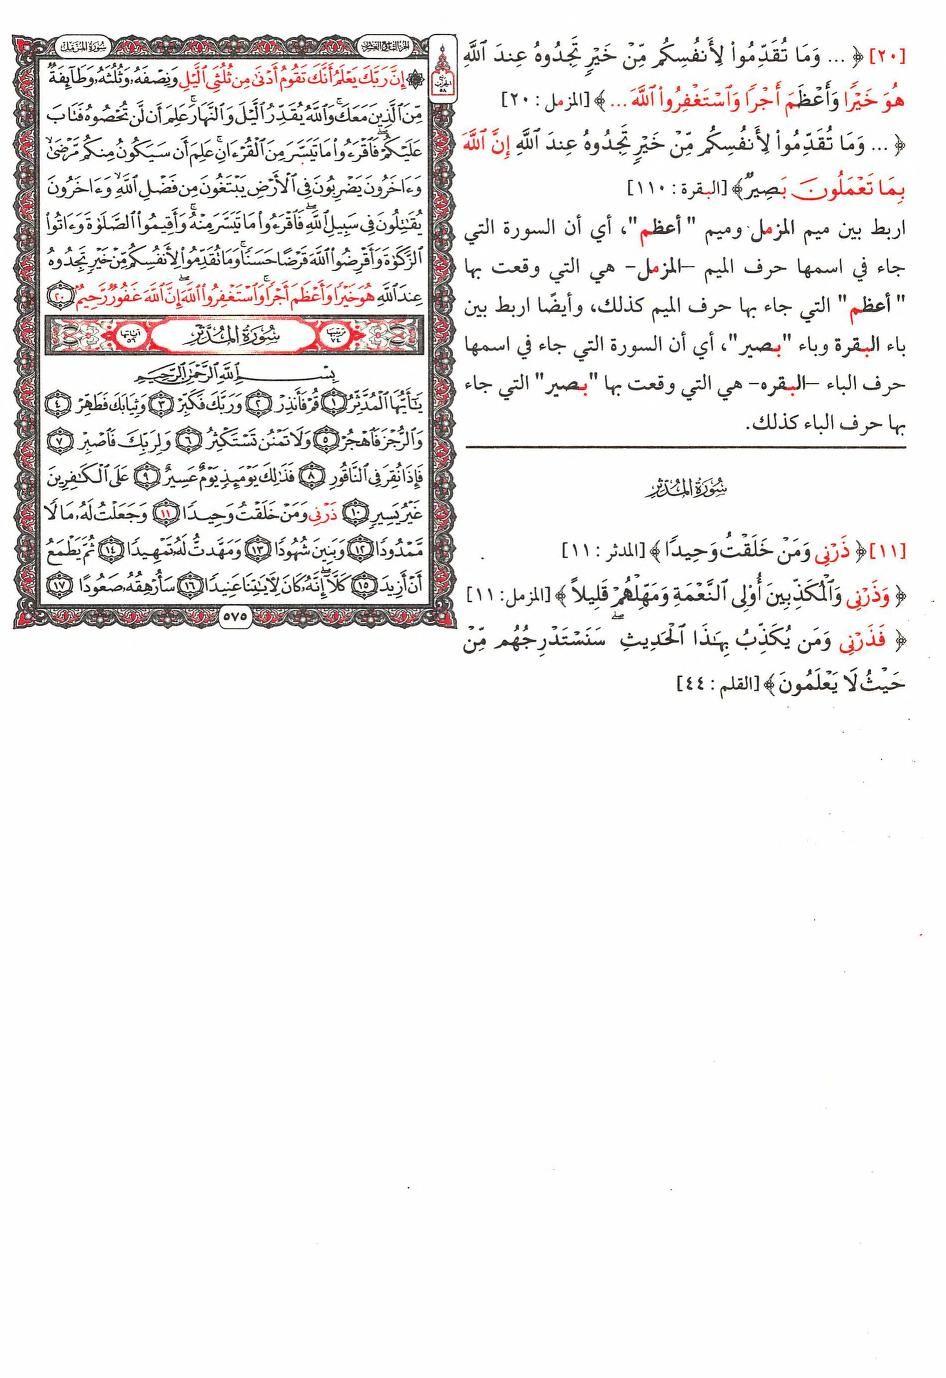 ١ ١٧ المدثر مصحف التبيان المفصل لمتشابهات القرآن Bullet Journal Journal Notebook